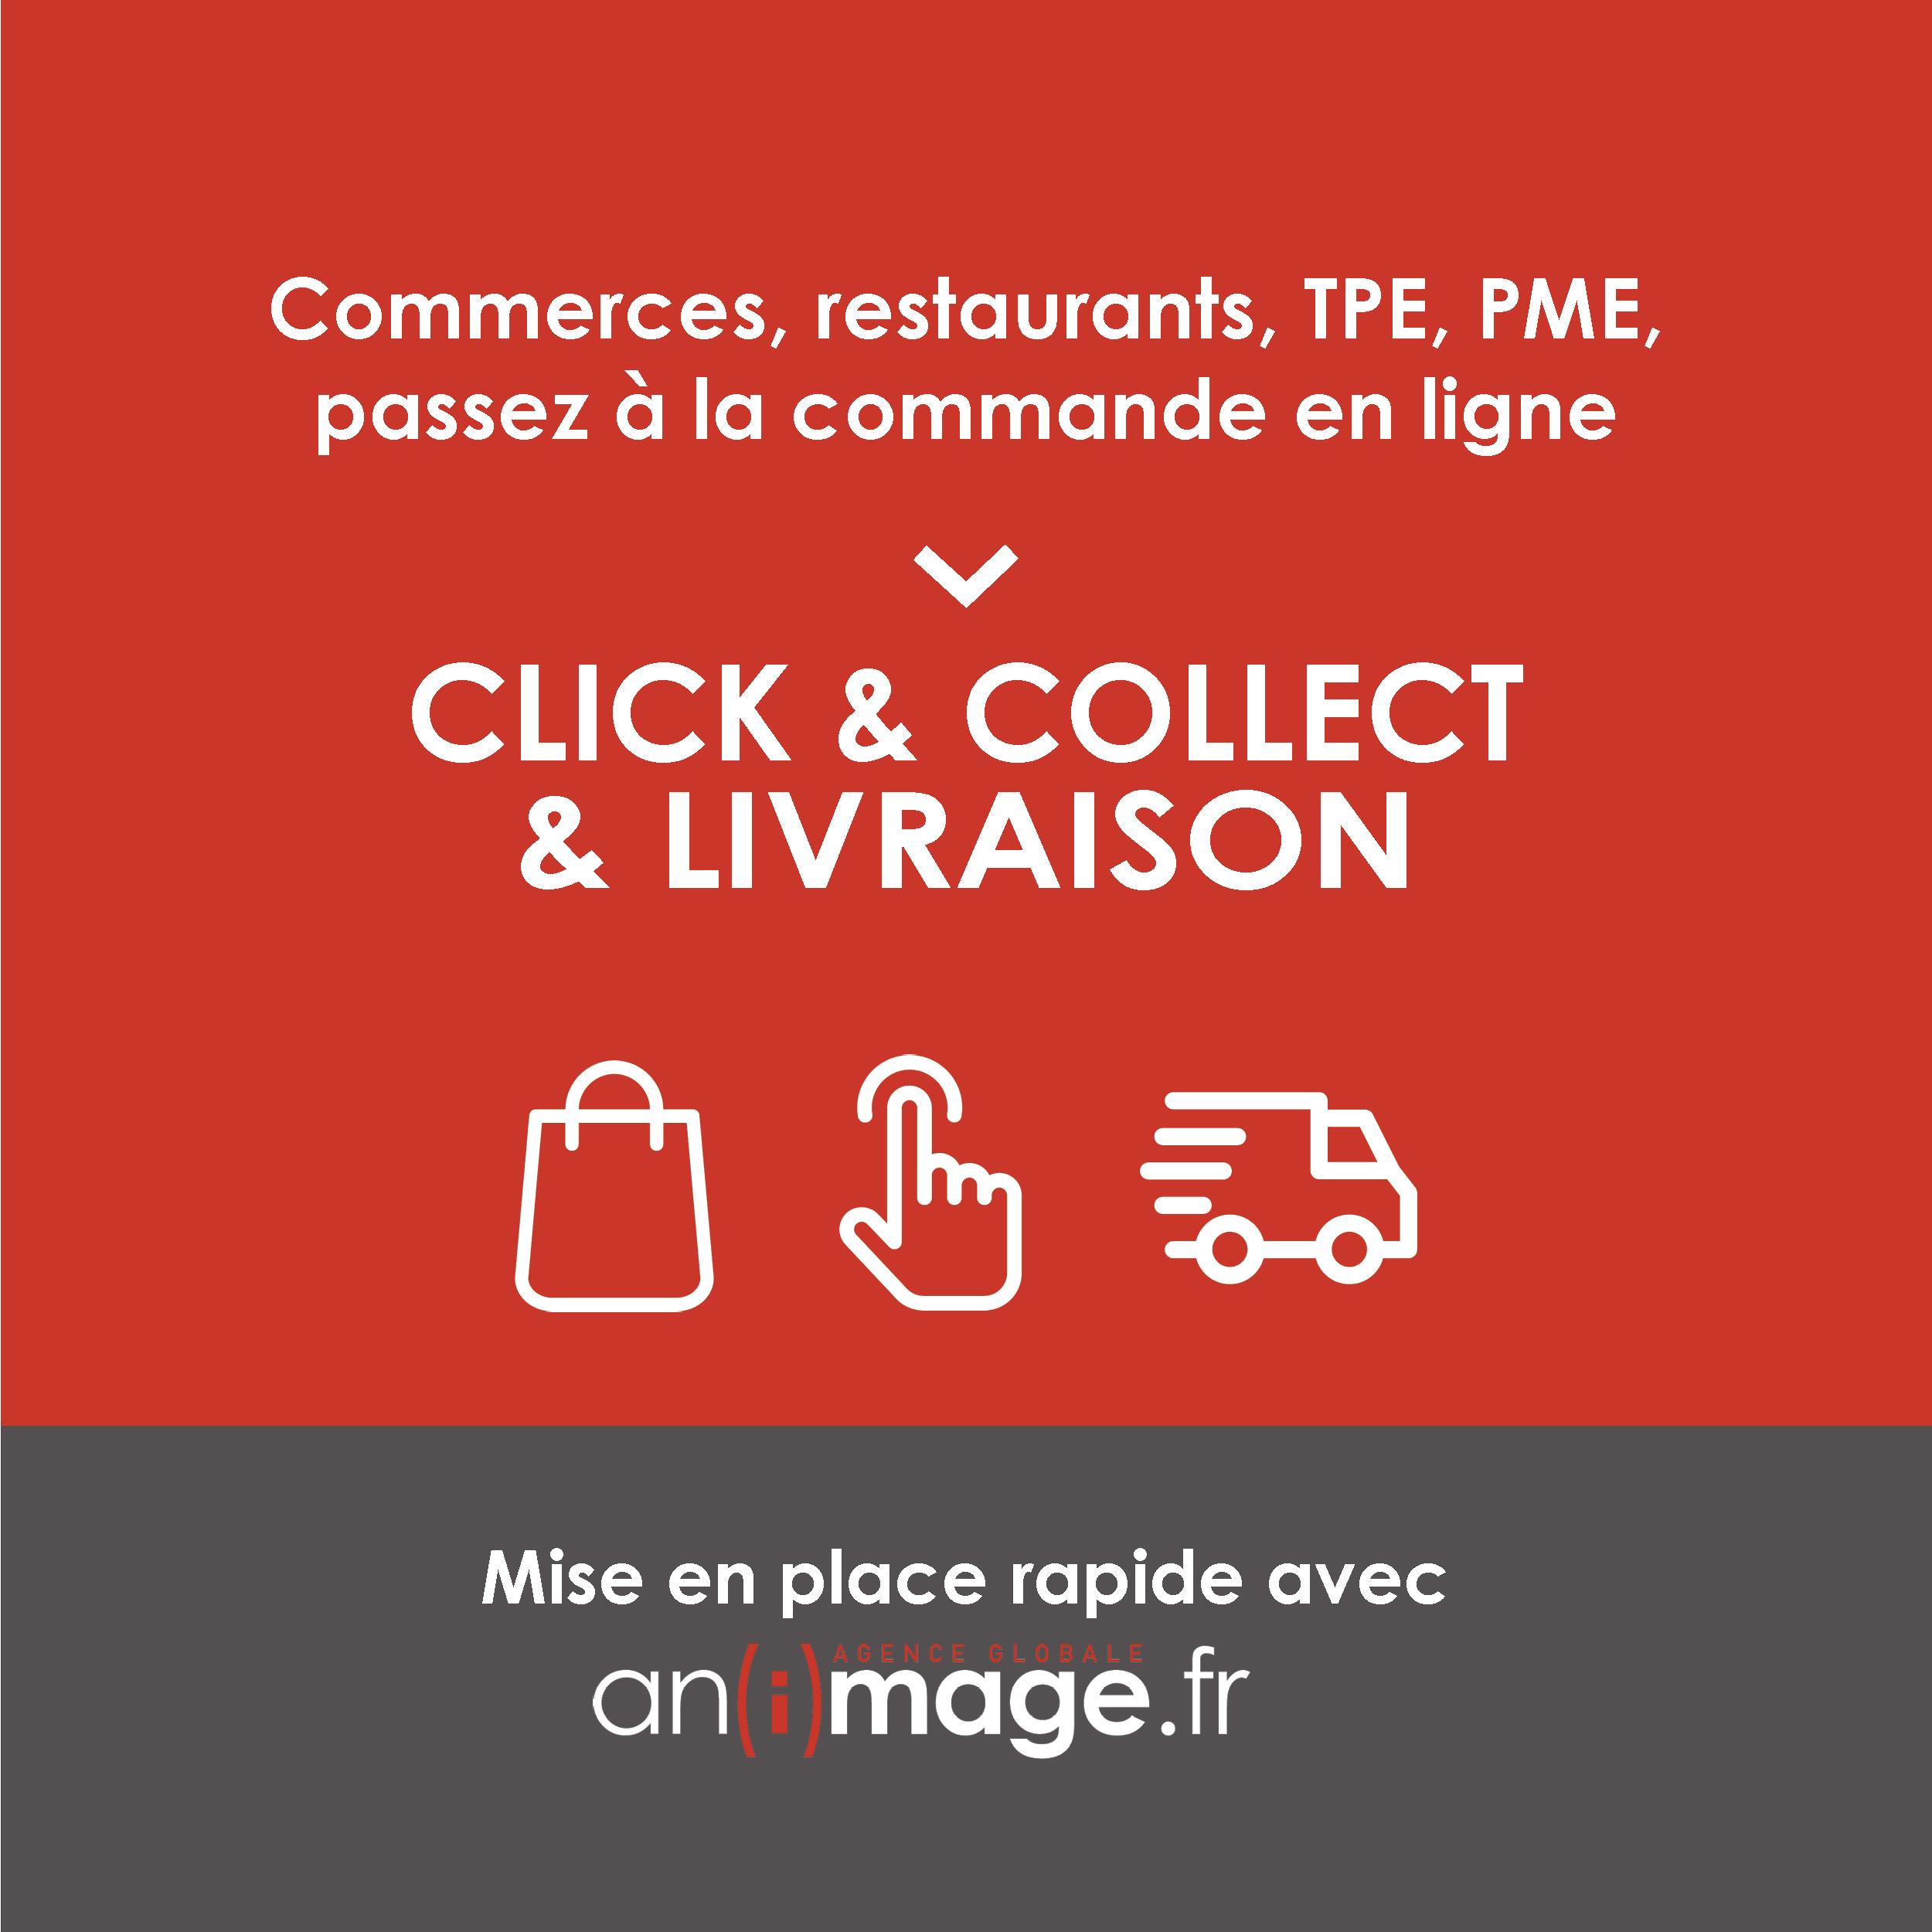 E-shops : vendez en ligne, livraison, click & collect